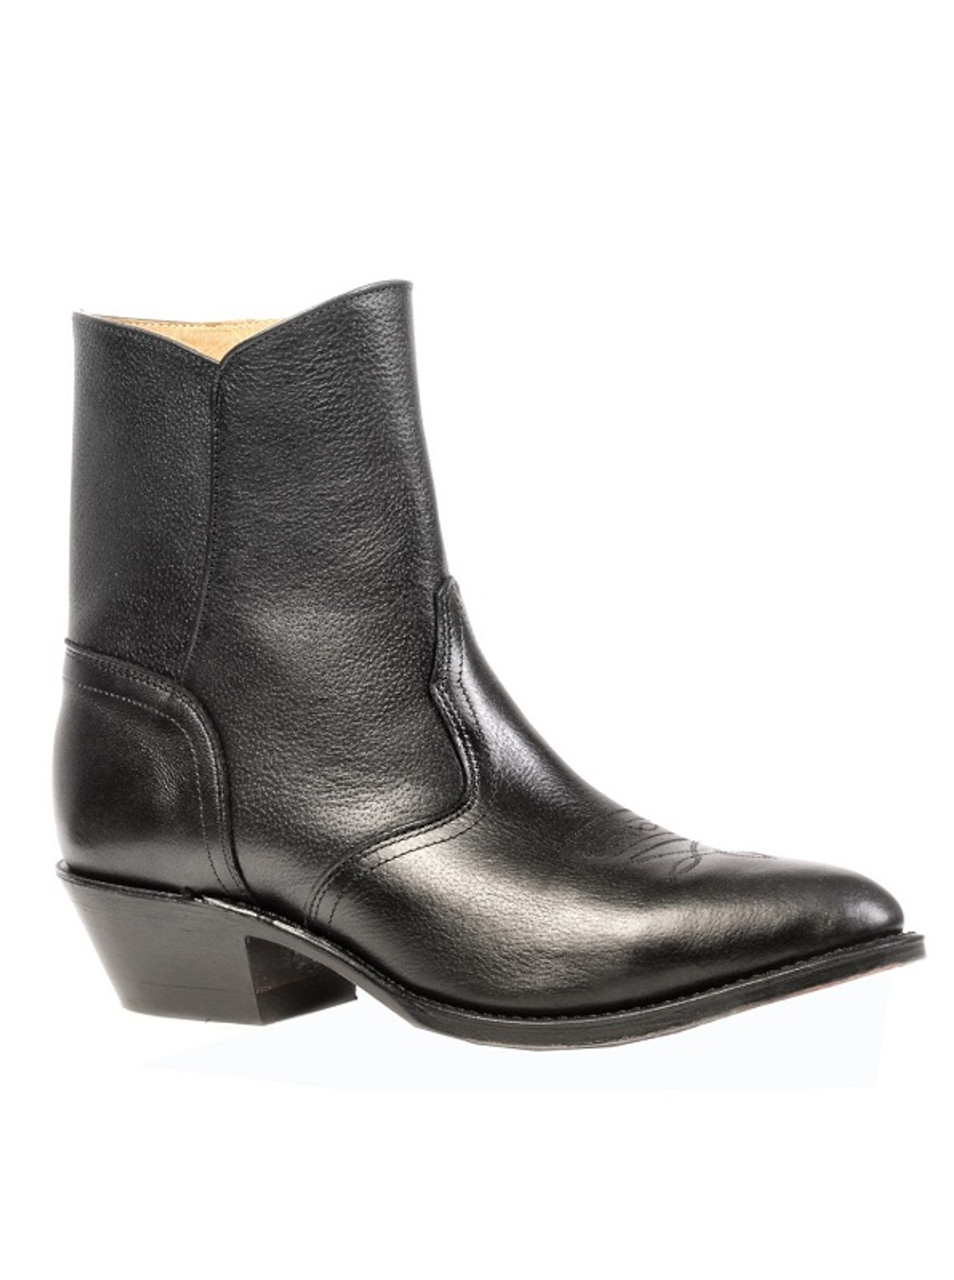 zipper dress boots